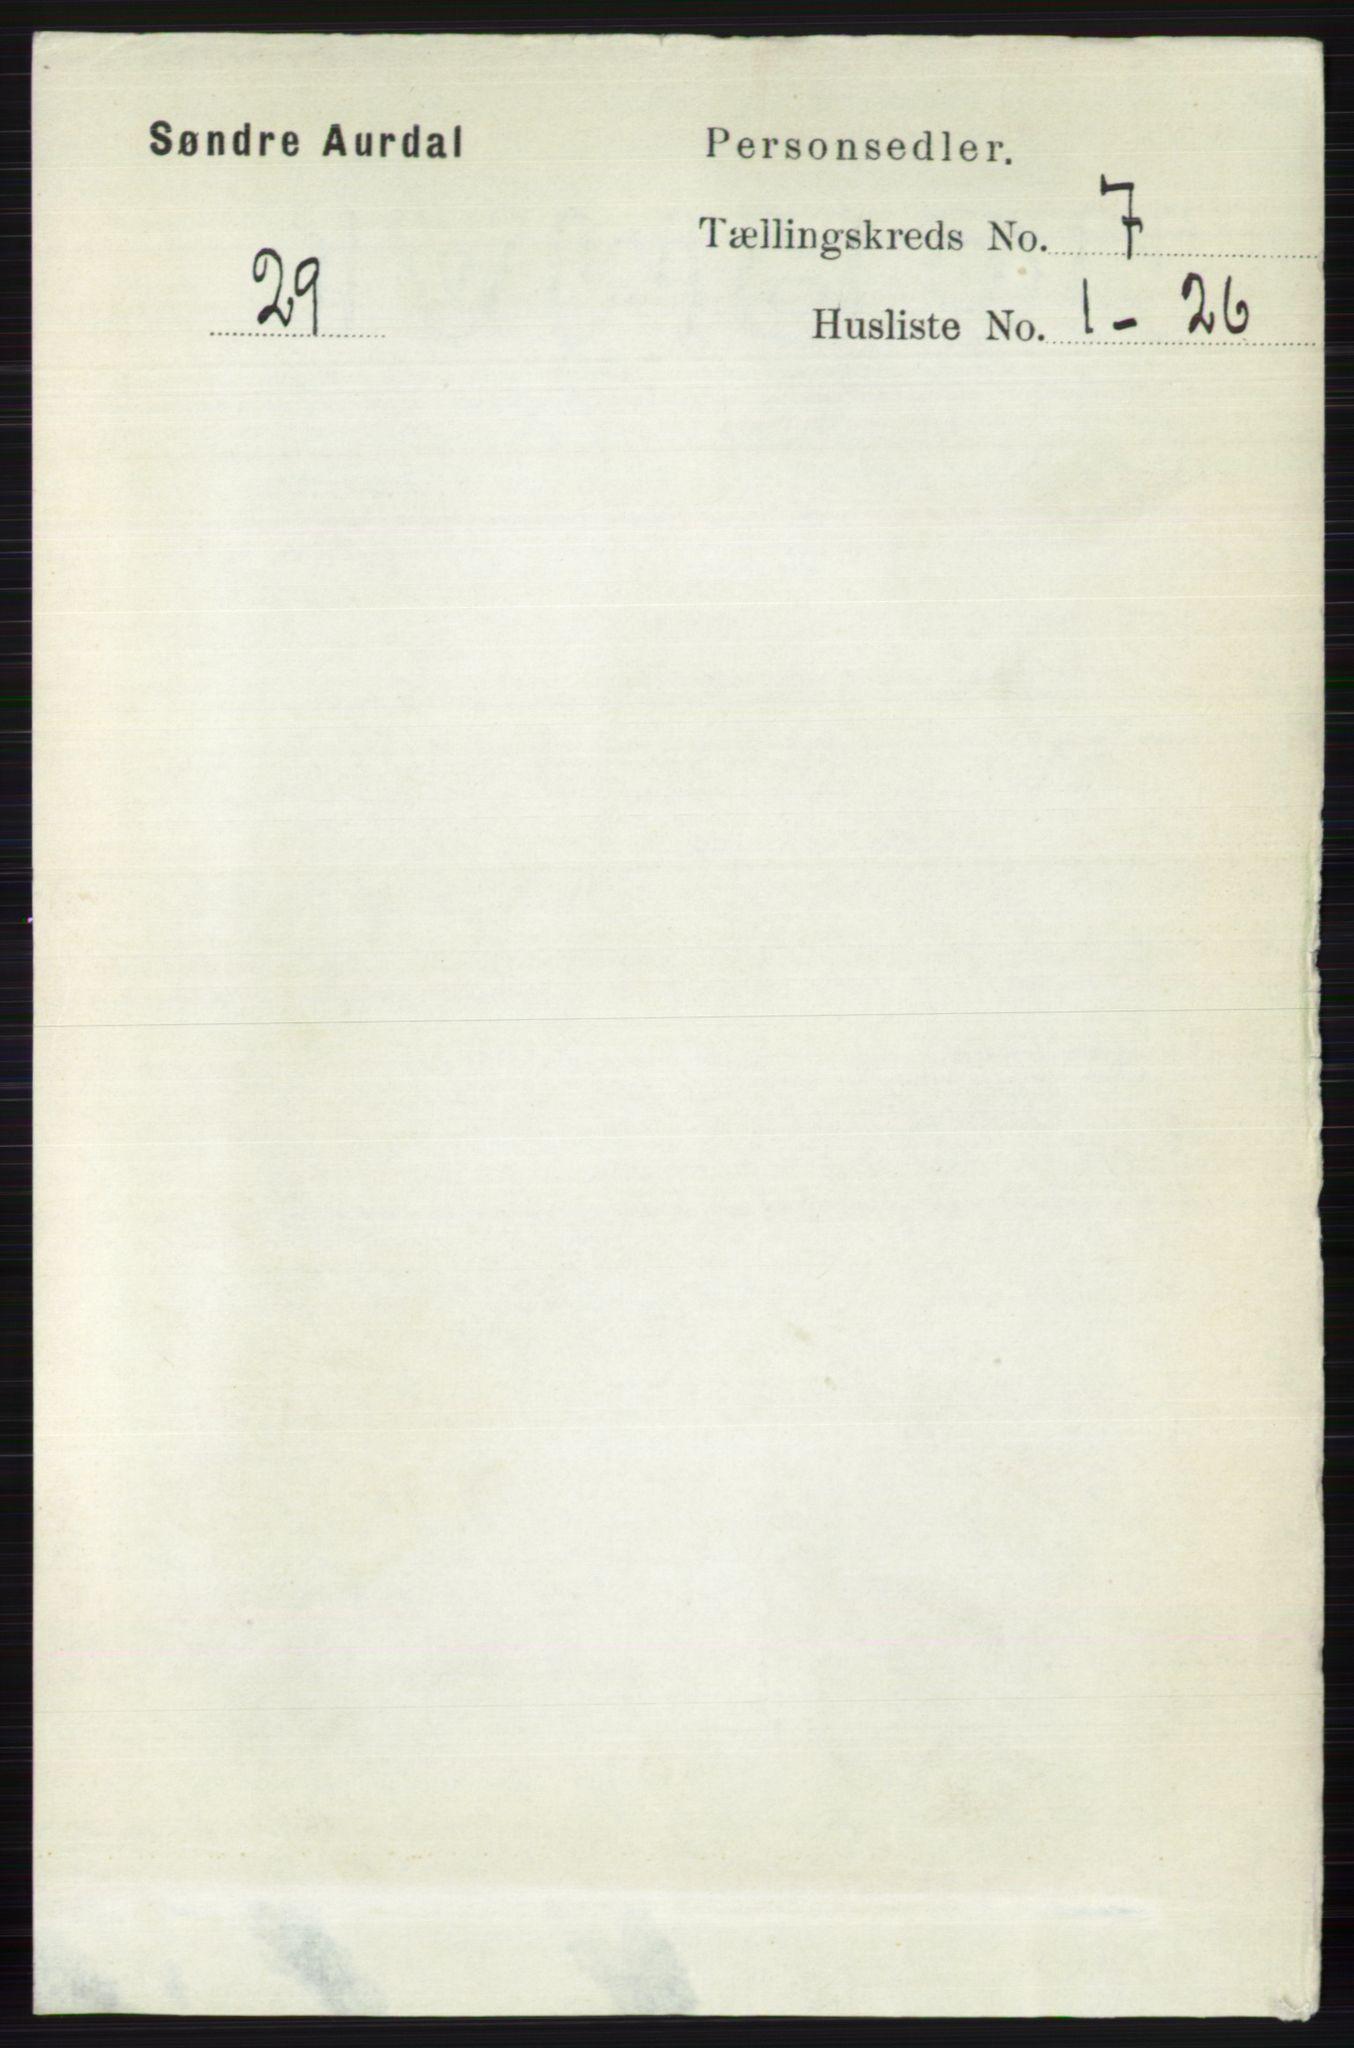 RA, Folketelling 1891 for 0540 Sør-Aurdal herred, 1891, s. 4397